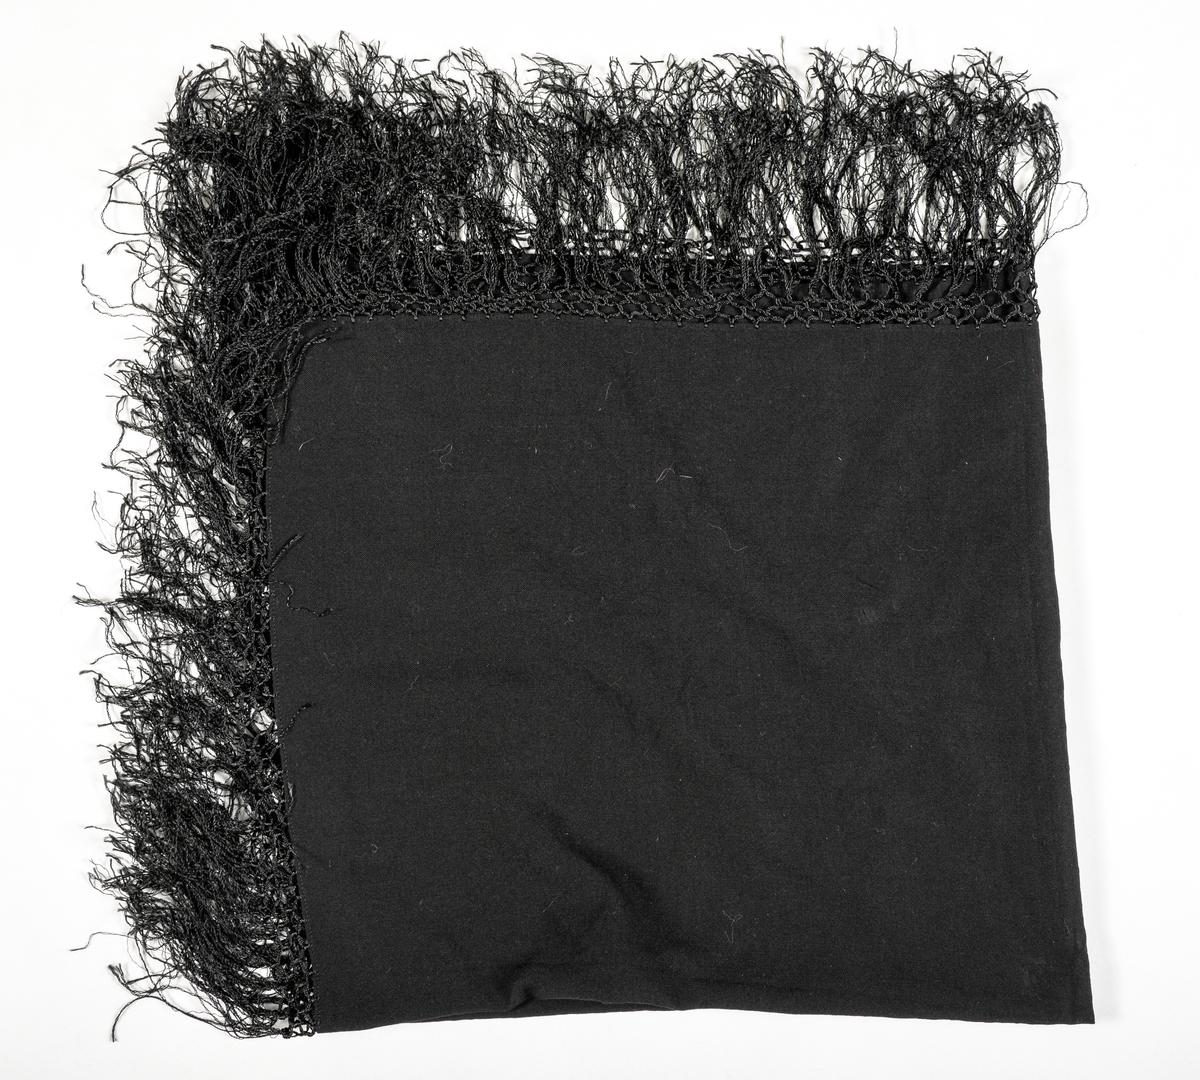 Tørkle i svart ullmusselin. Falda i to sider med maskinsaum. Påsette silkefrynser.